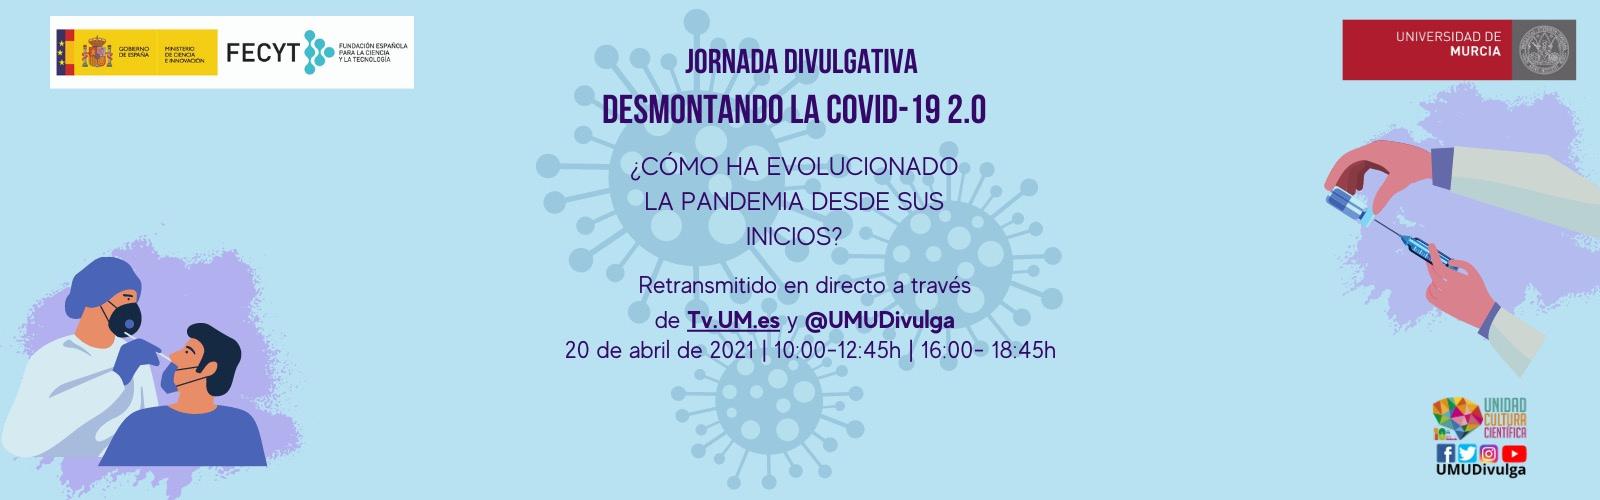 Jornada divulgativa UMU para conocer la evolución de la pandemia